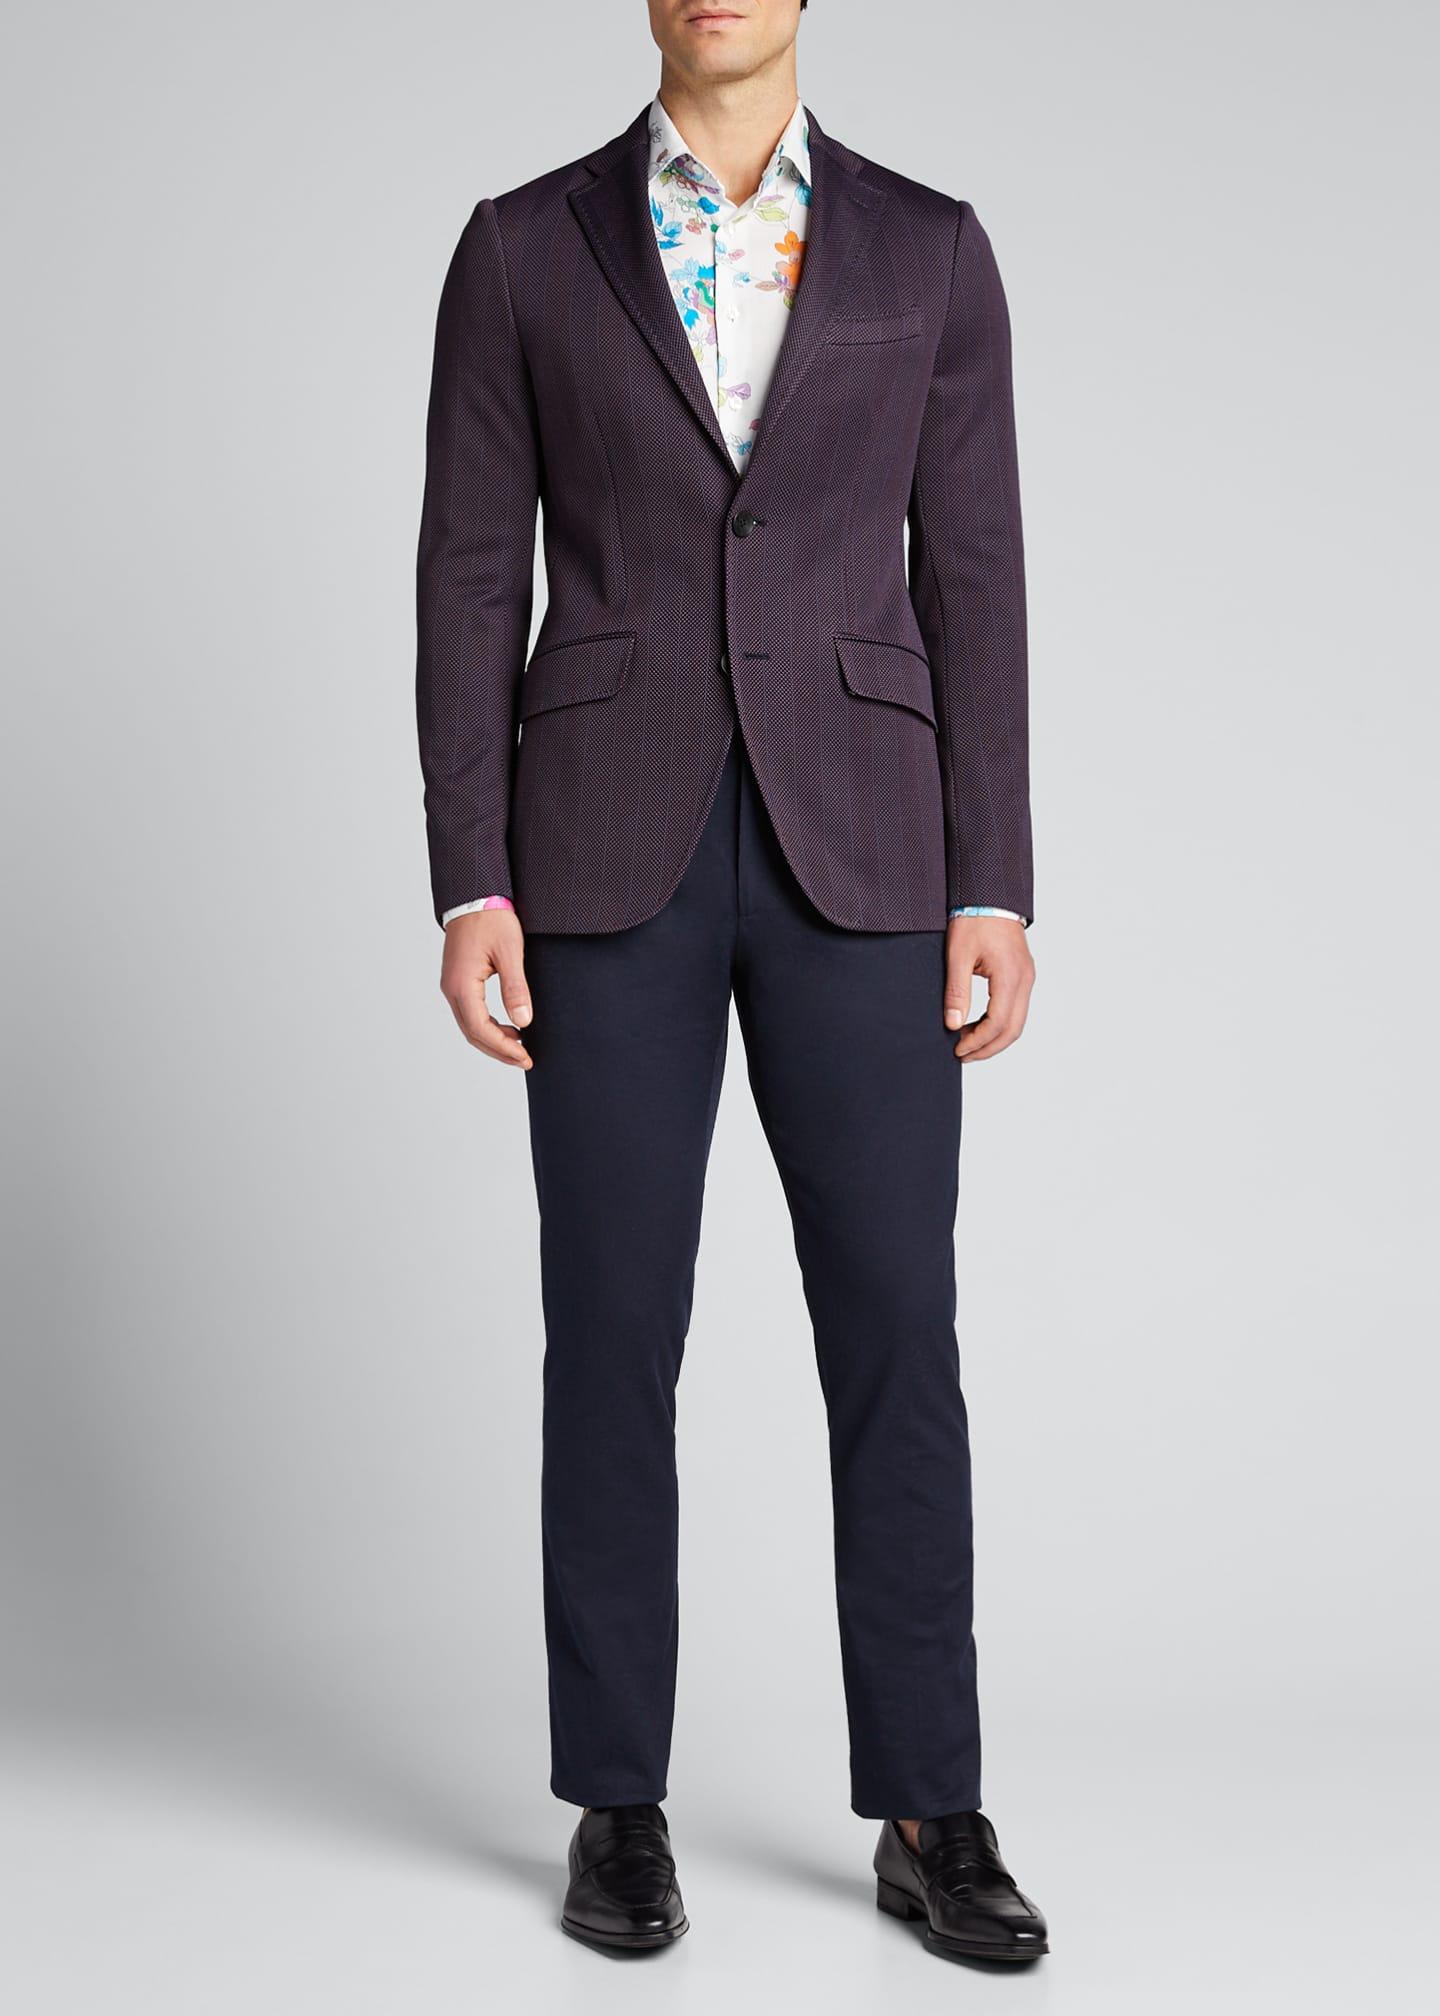 Etro Men's Chevron Two-Button Knit Blazer